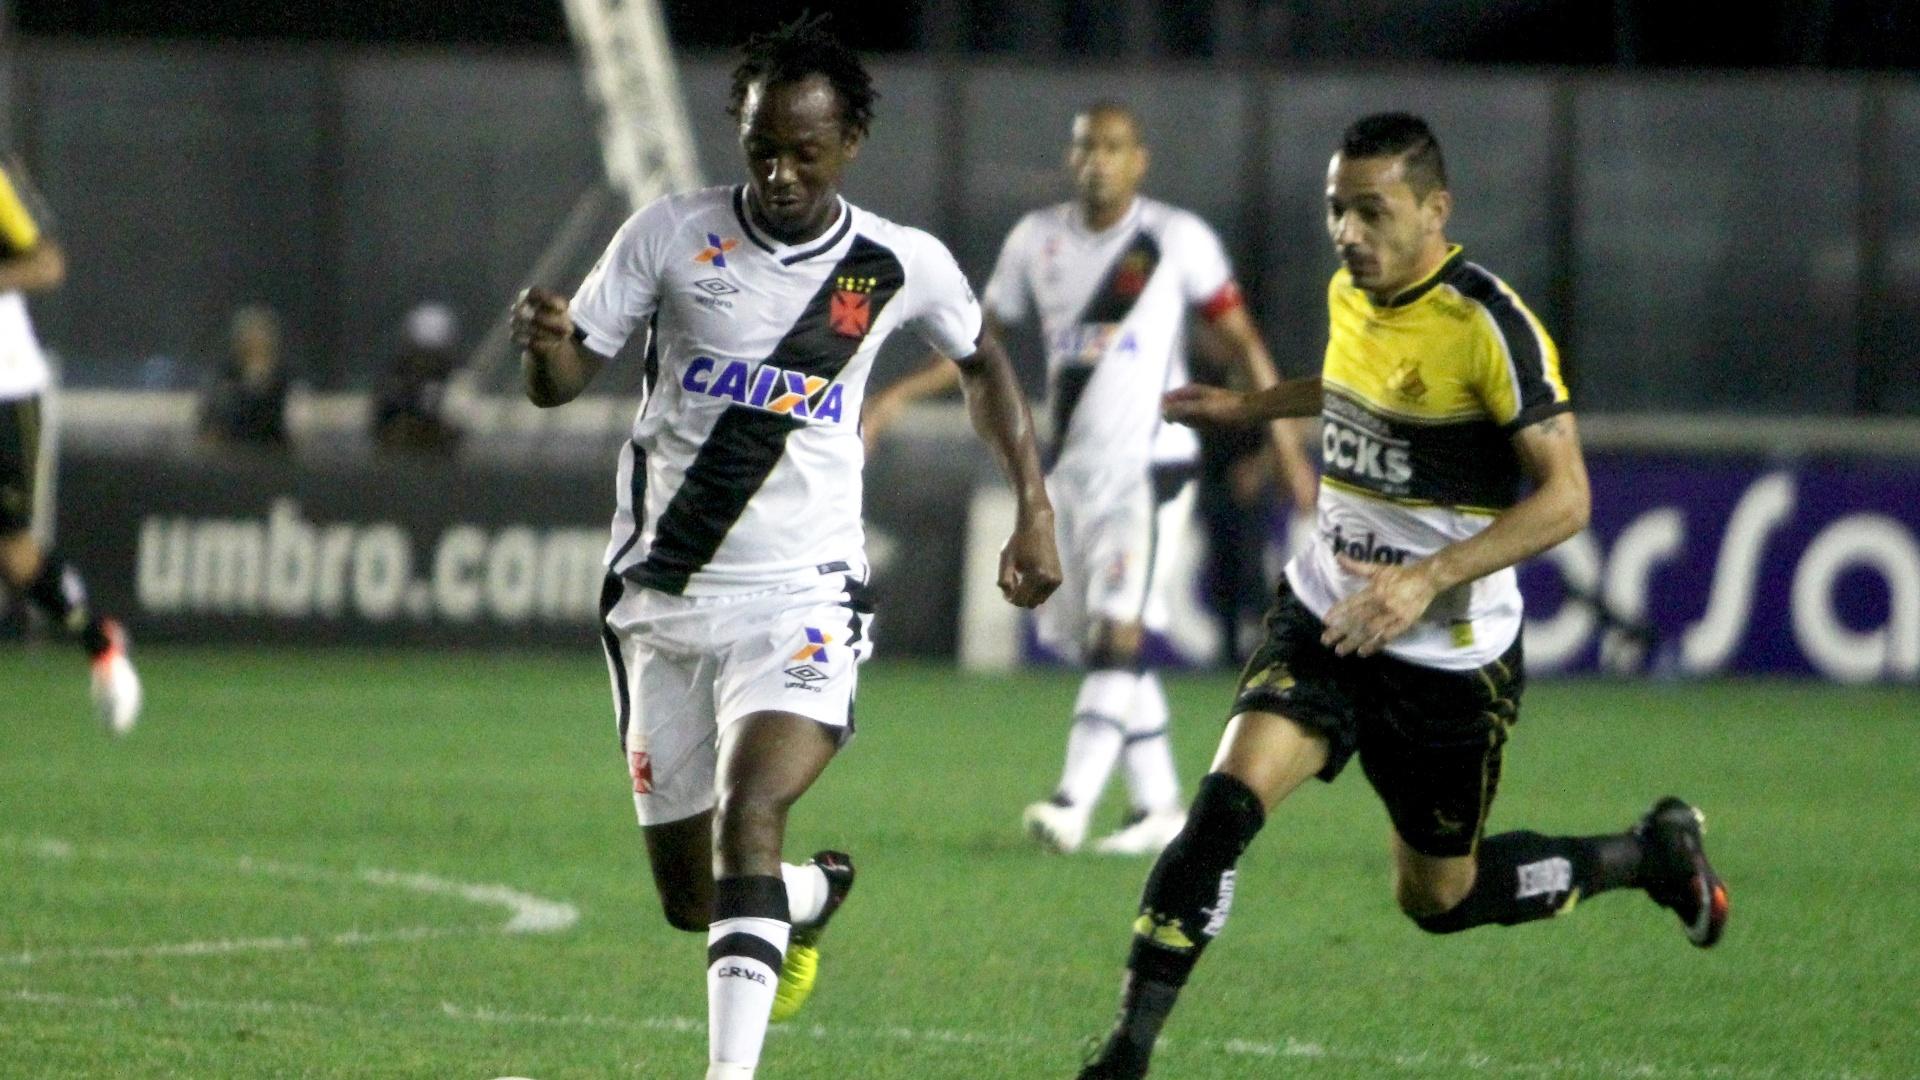 Andrezinho busca arrancada na partida Vasco x Criciúma em São Januário